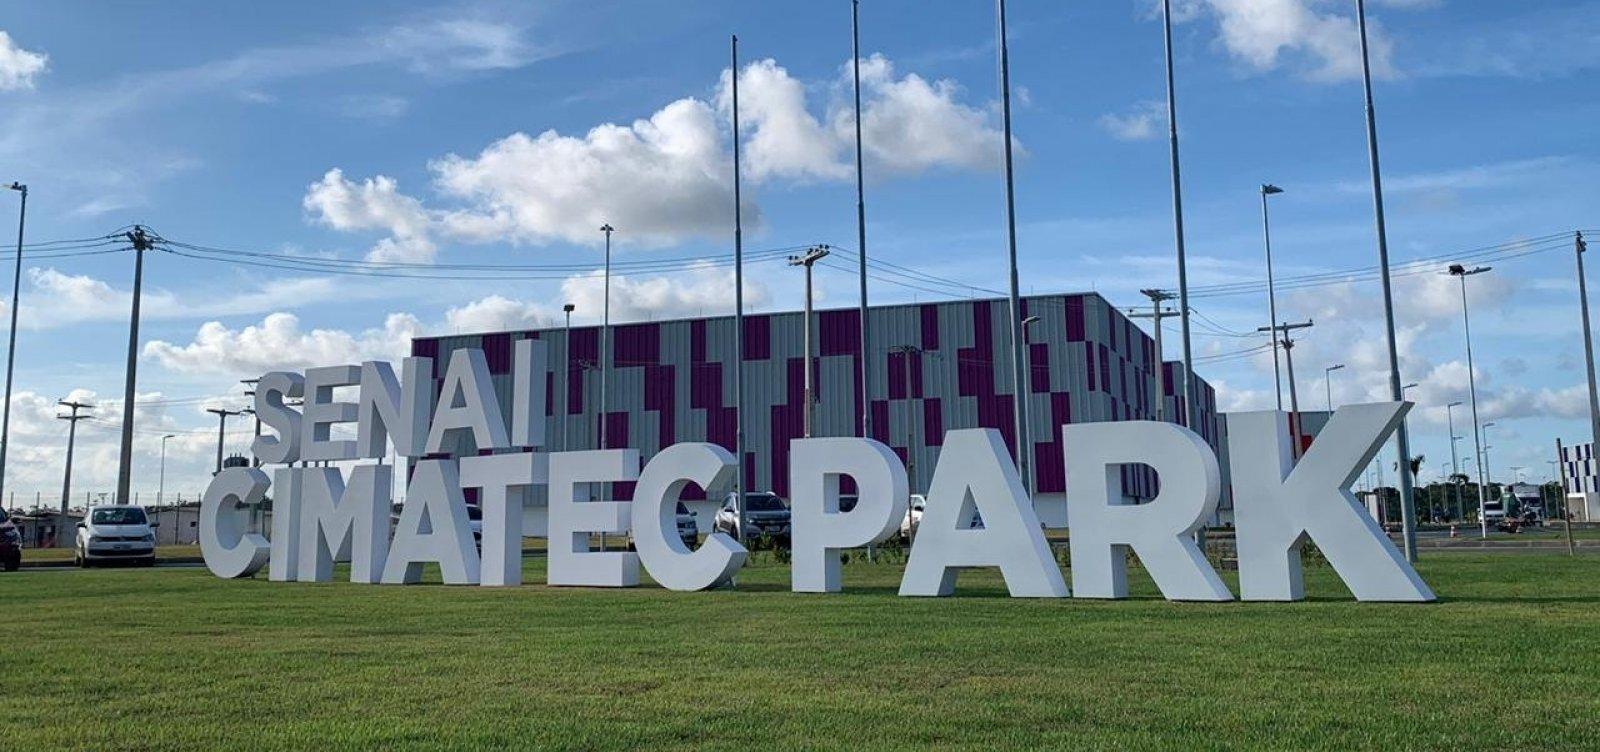 Senai Cimatec inaugura nesta segunda novo complexo de inovação em Camaçari